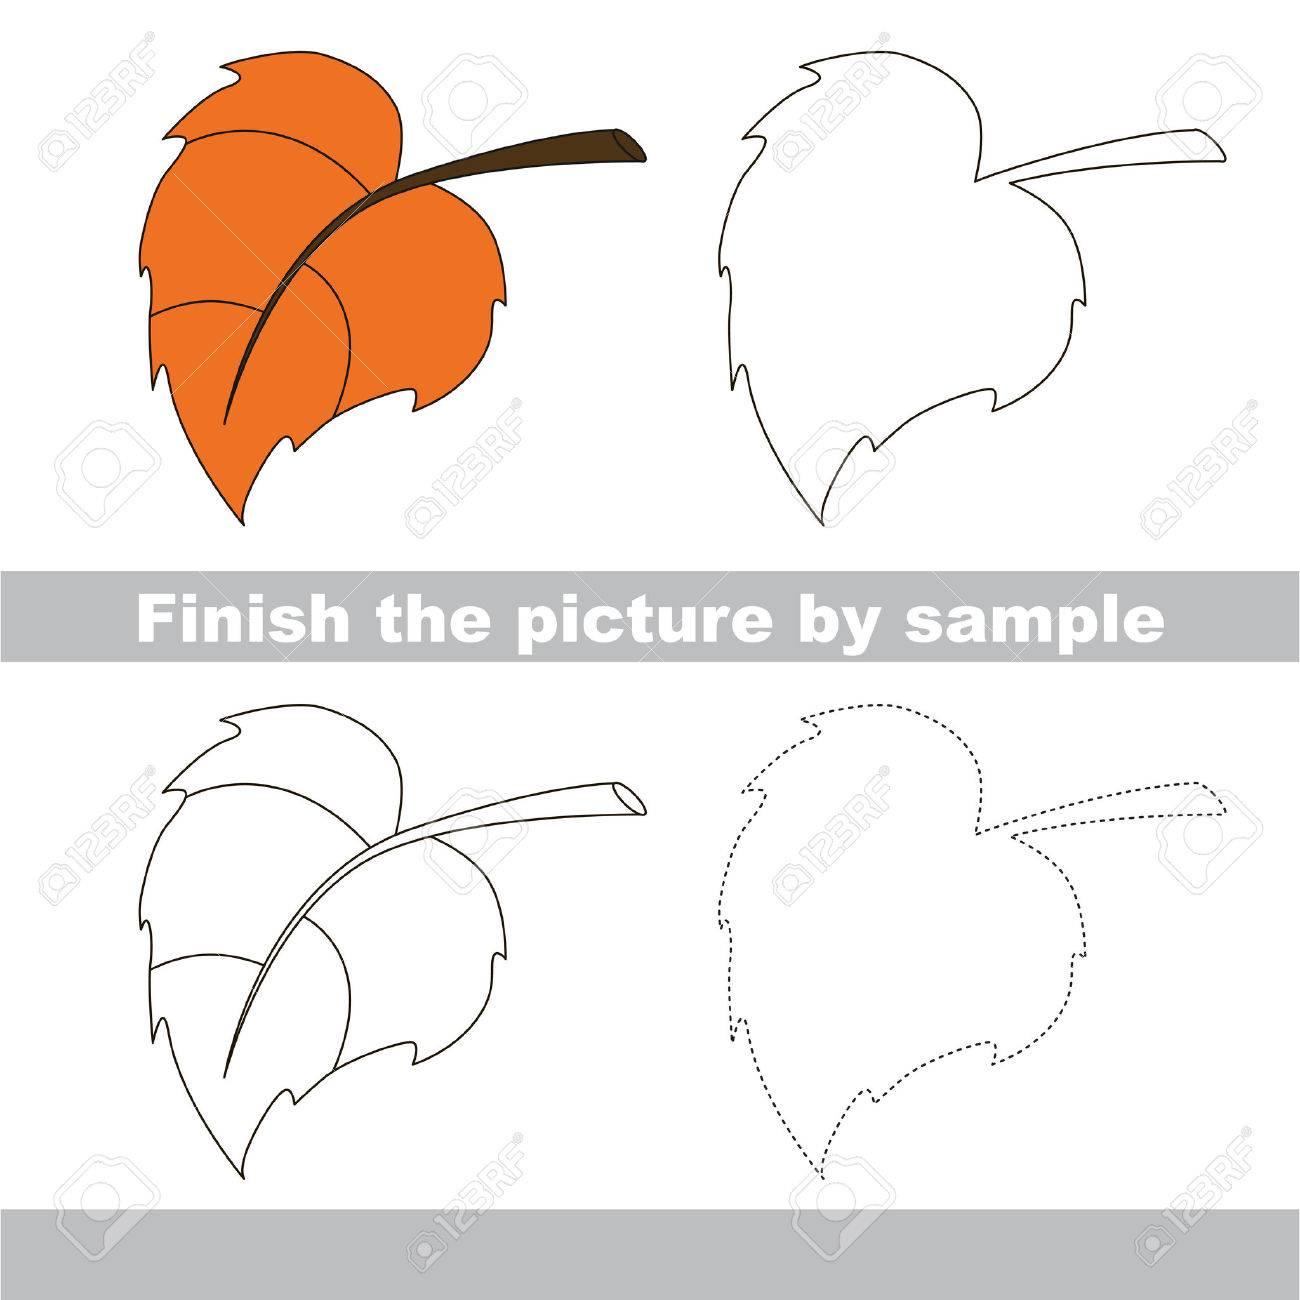 Zeichnung Arbeitsblatt Für Kinder. Beenden Sie Das Bild Und Ziehen ...